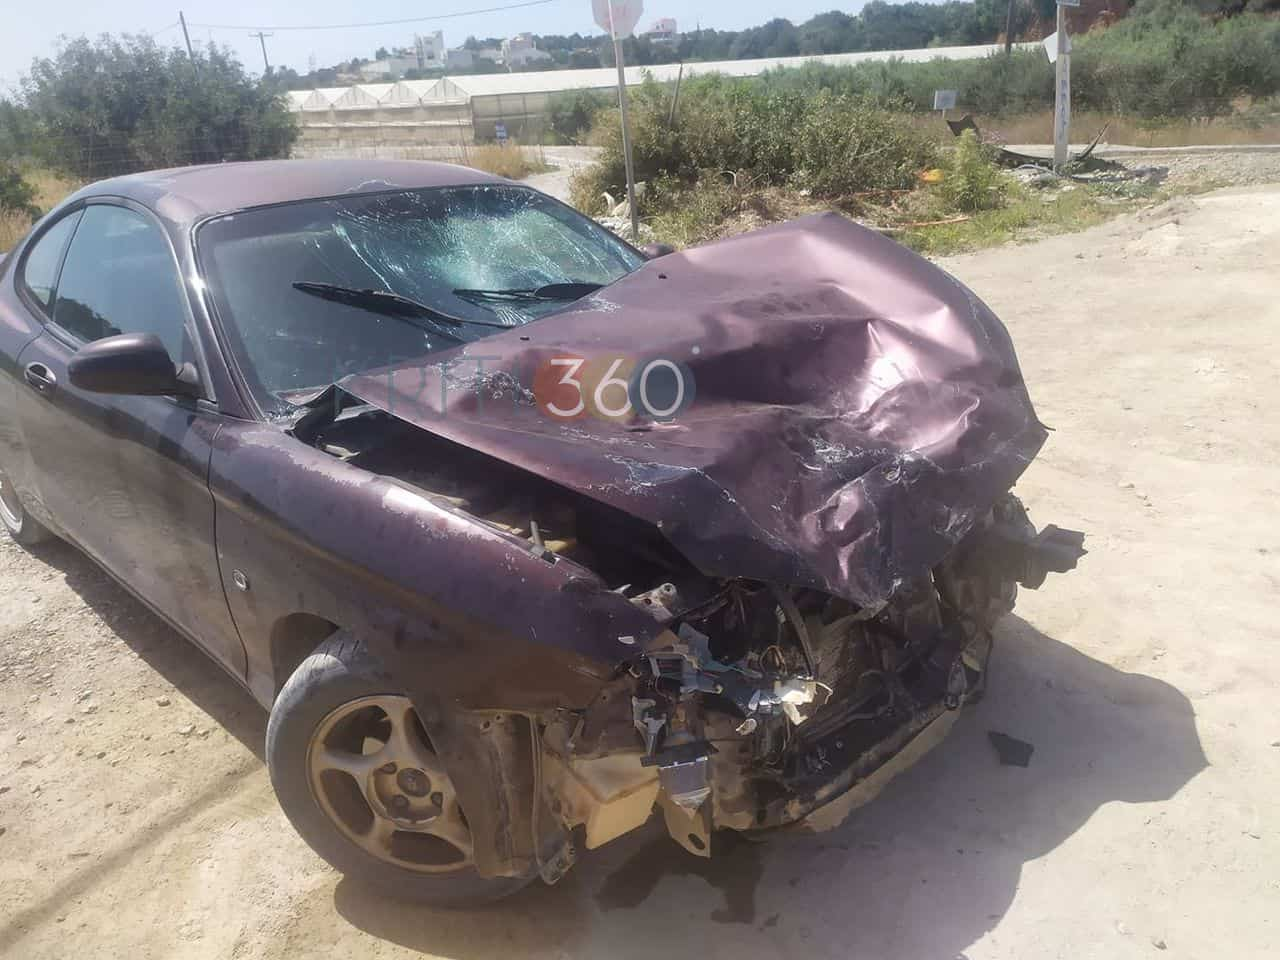 Χανιά: Σοβαρό τροχαίο μετά από σύγκρουση ΙΧ με μοτοσικλέτα